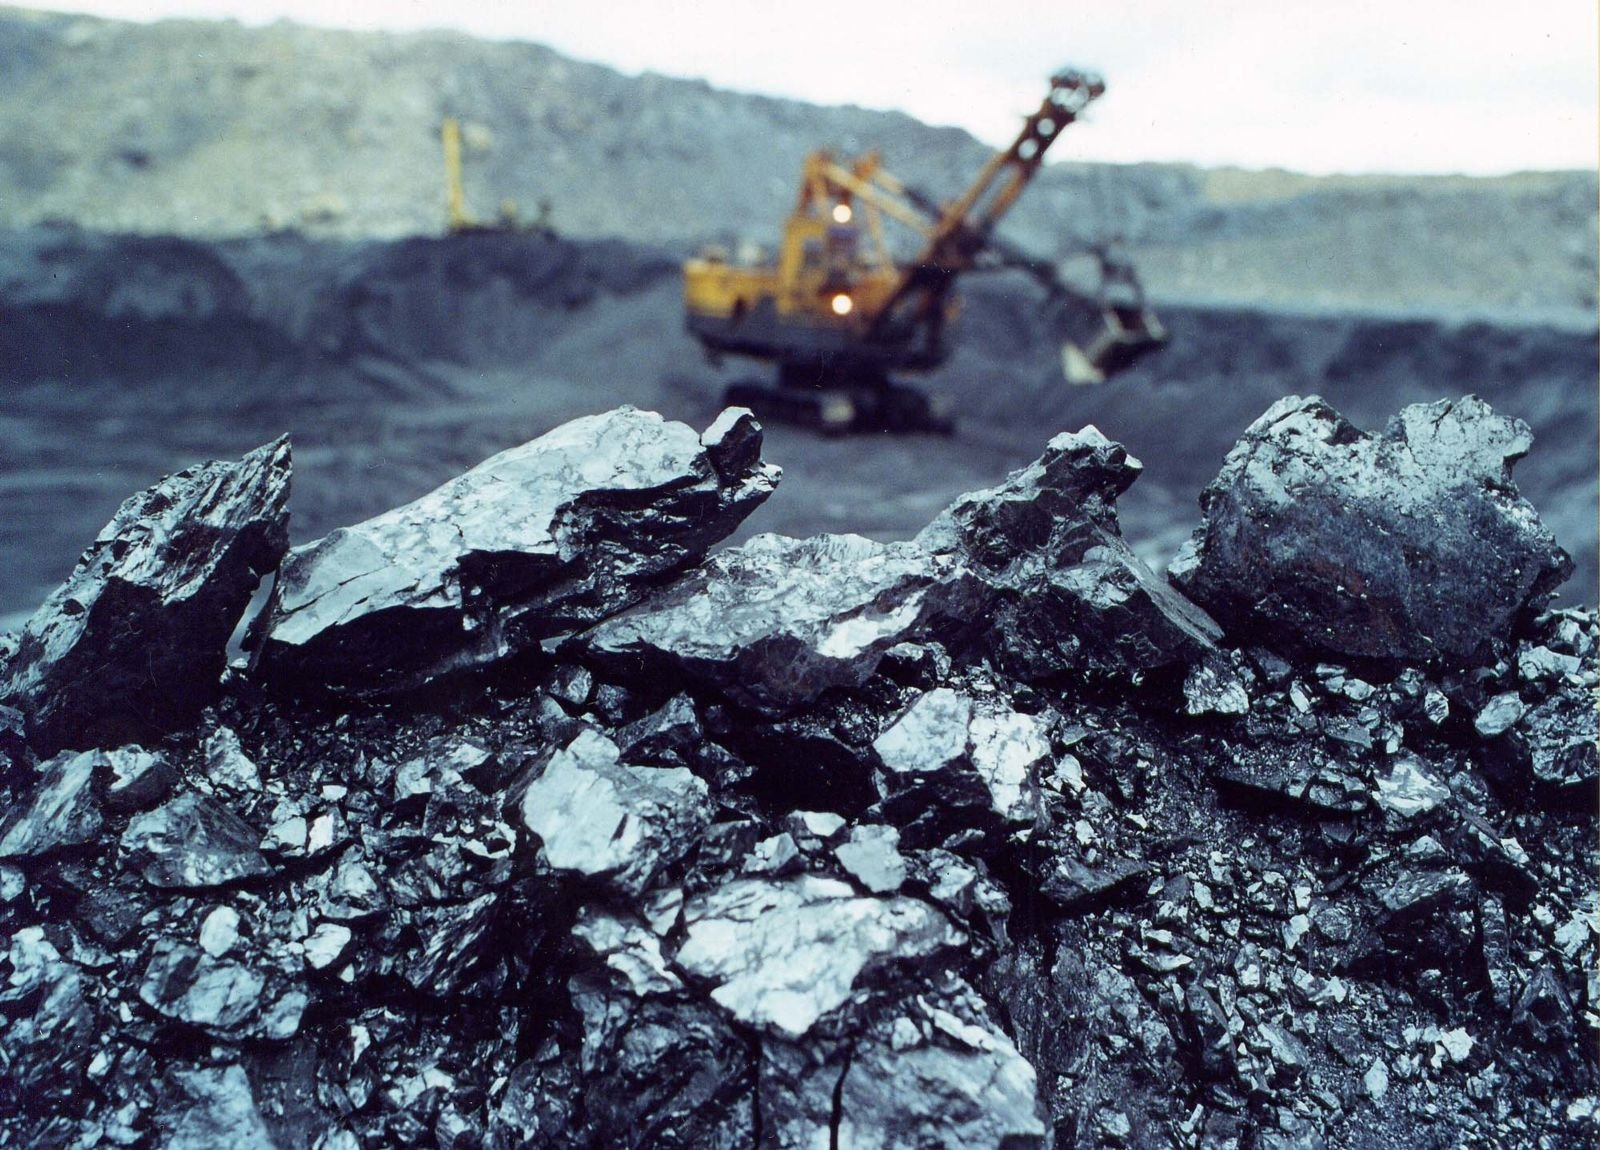 Российские угольные санкции нанесли серьезный удар по украинской металлургии